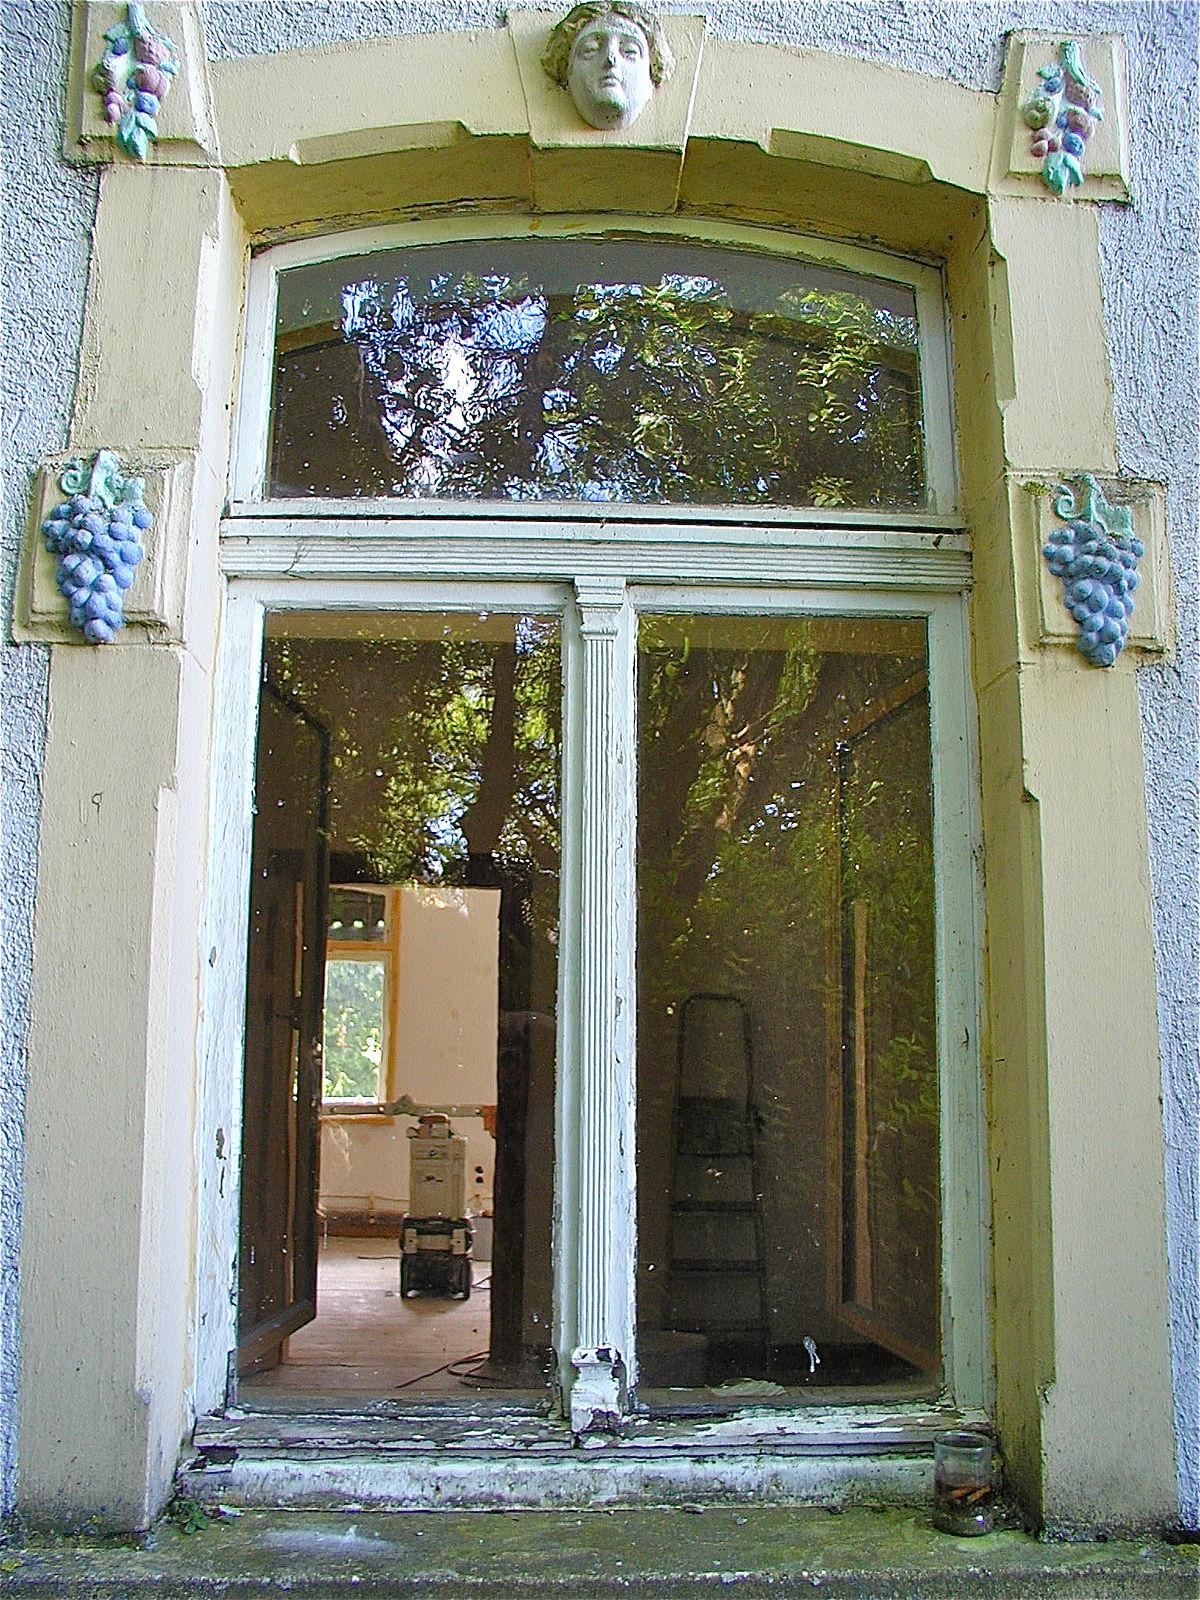 Full Size of Fenster Schallschutz Fensterinstandsetzung Wikipedia Online Konfigurator Folie Maße Roro Velux Bauhaus Preisvergleich Nachträglich Einbauen Felux Schüco Fenster Fenster Schallschutz